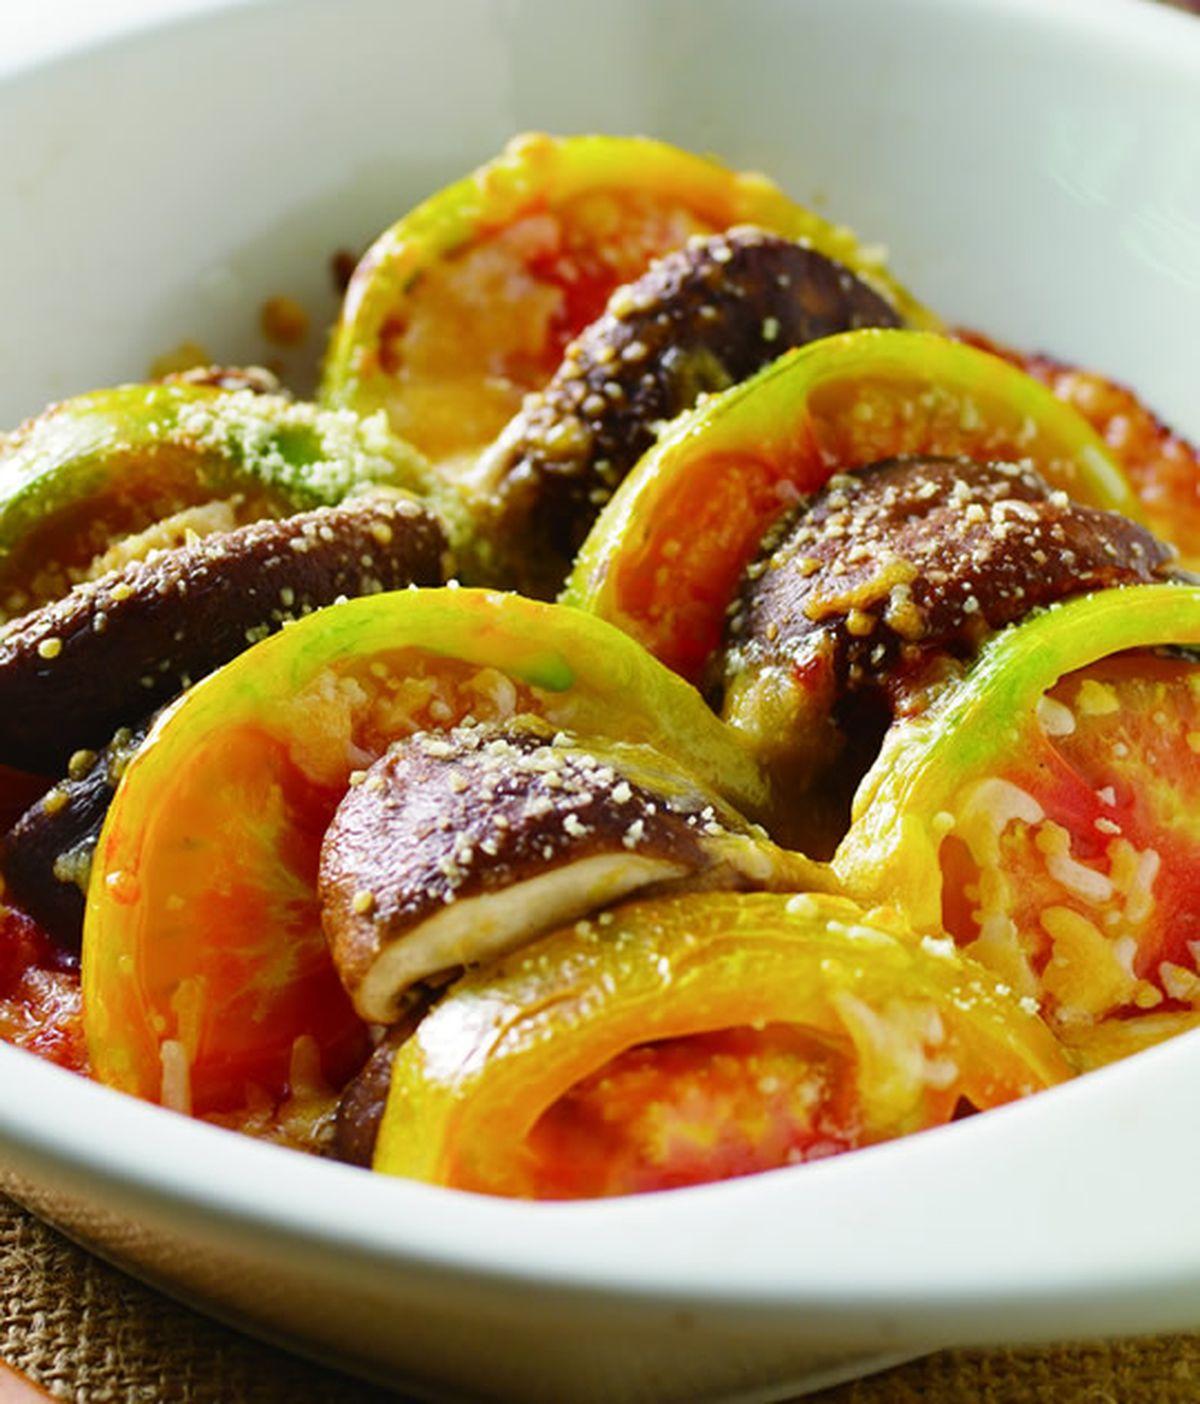 食譜:焗烤香菇蕃茄片